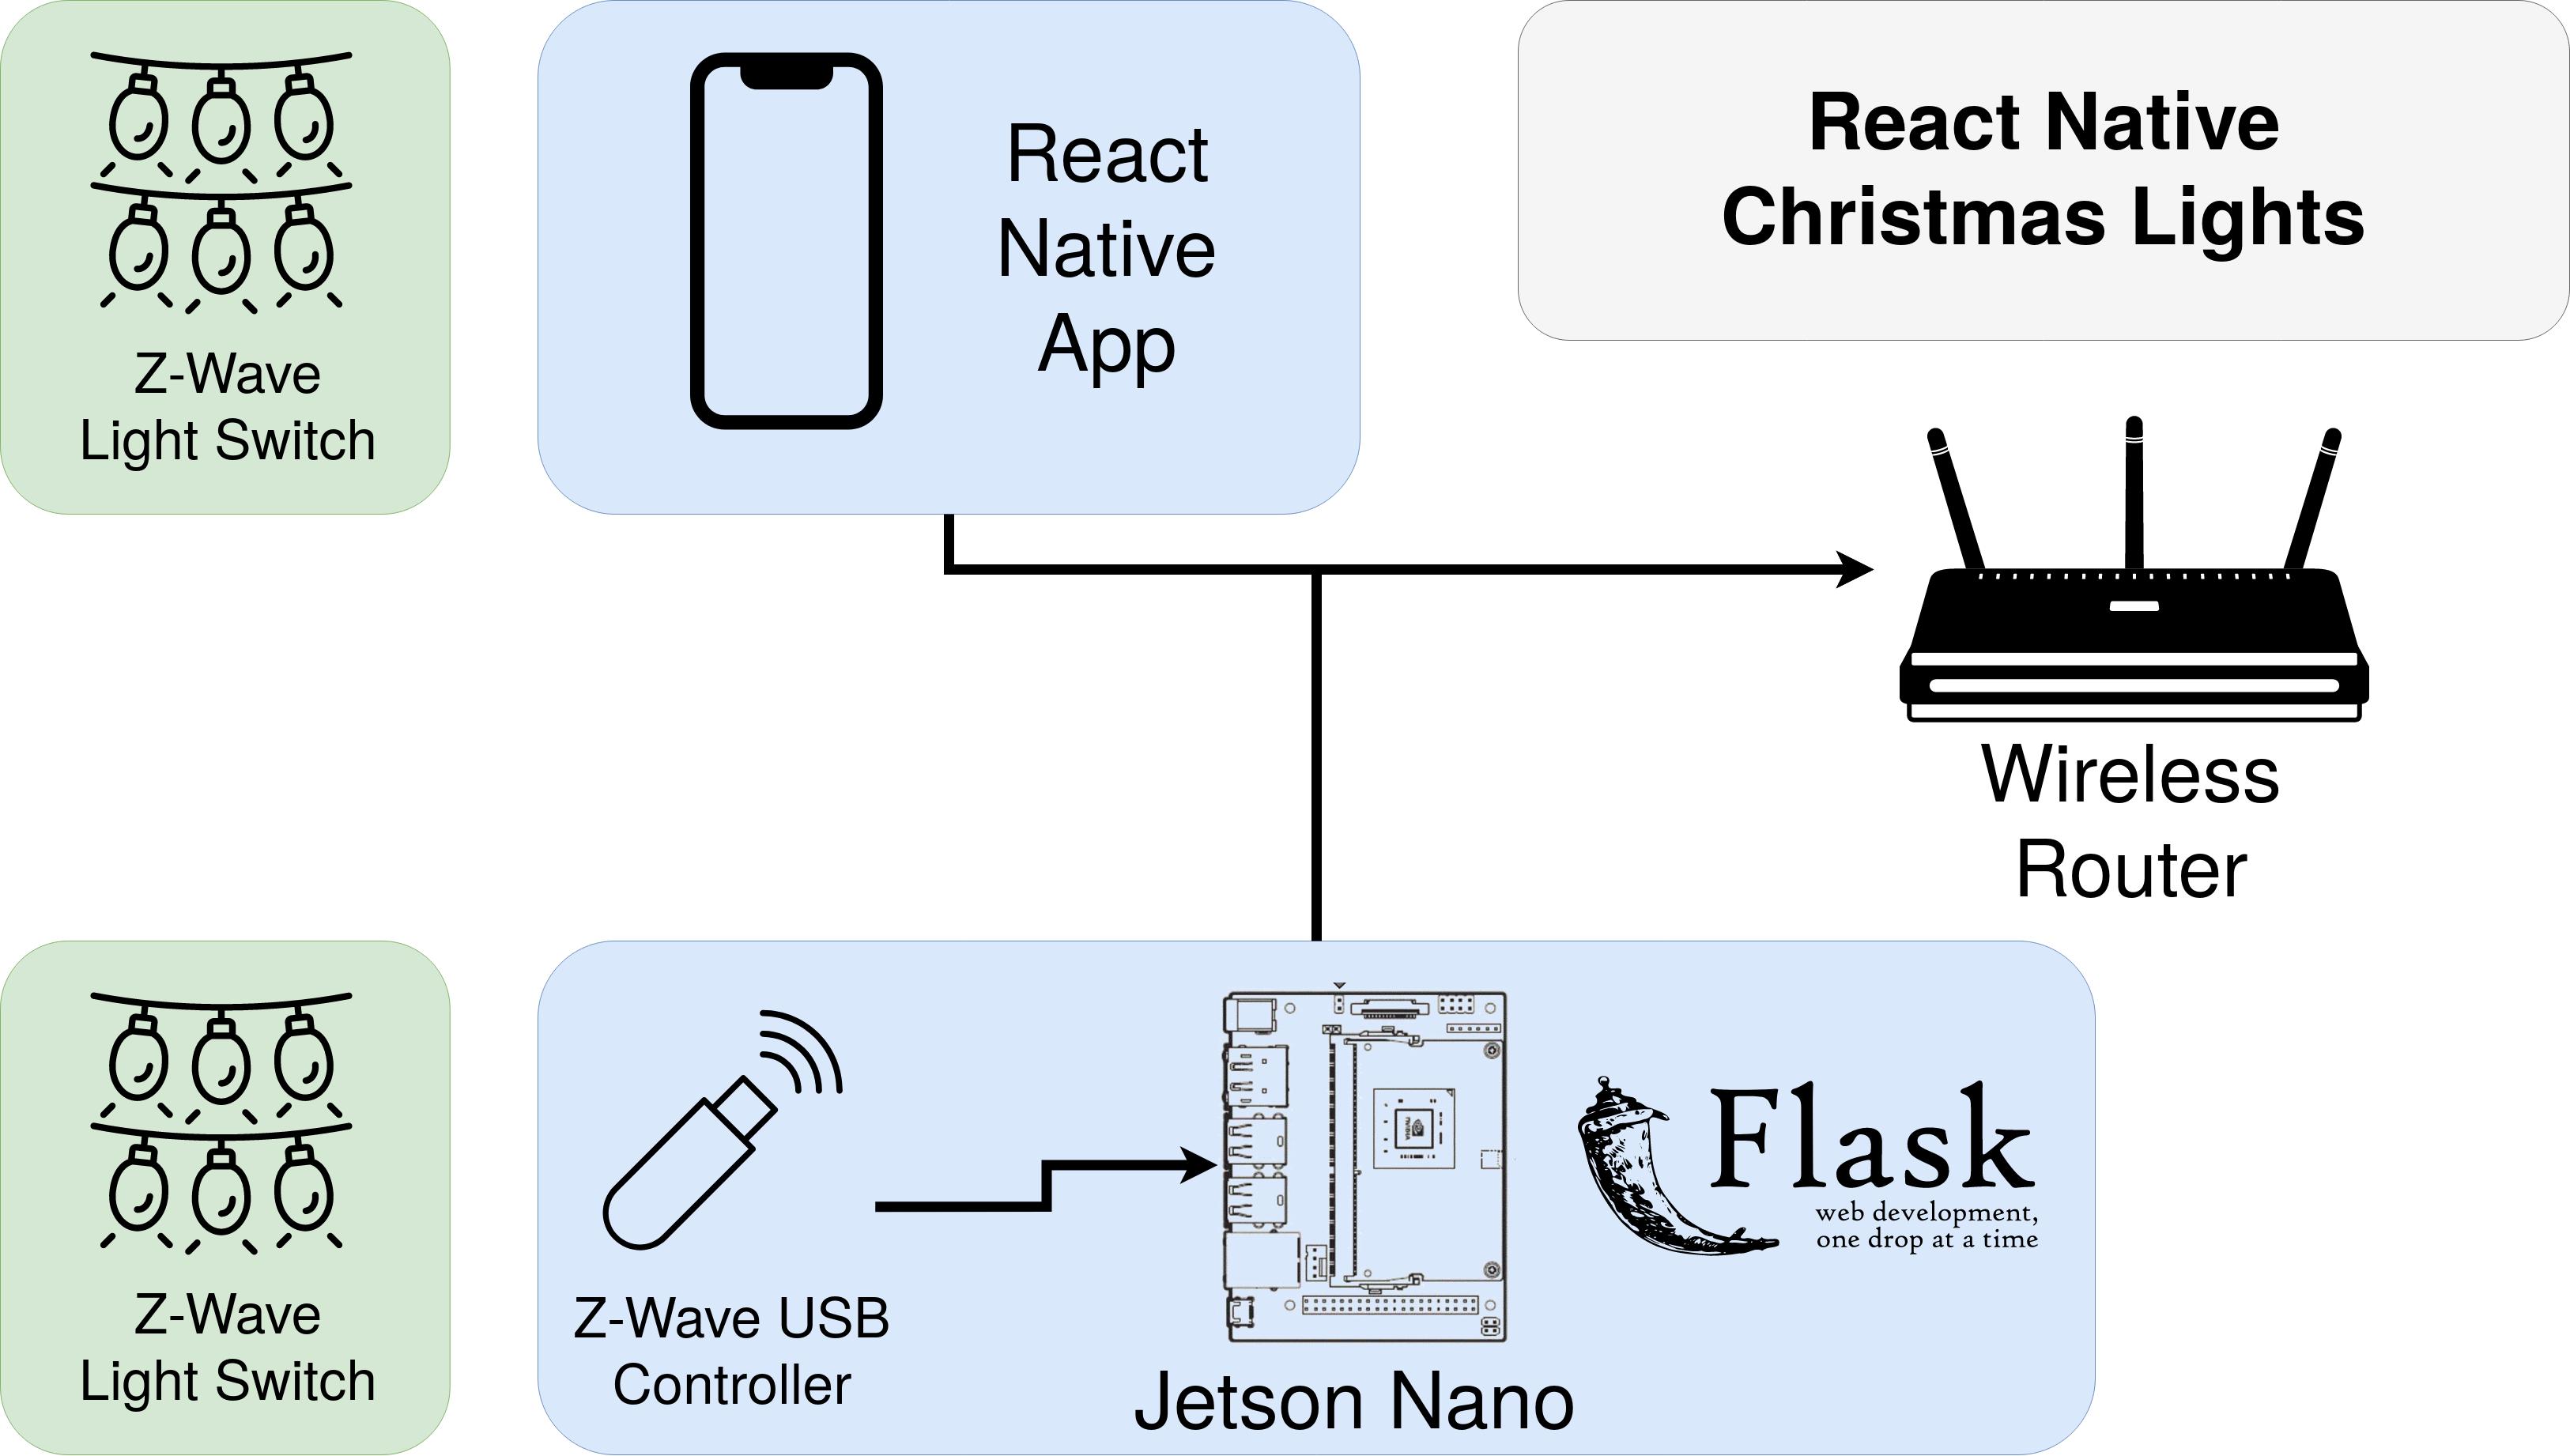 React Native Christmas Lights